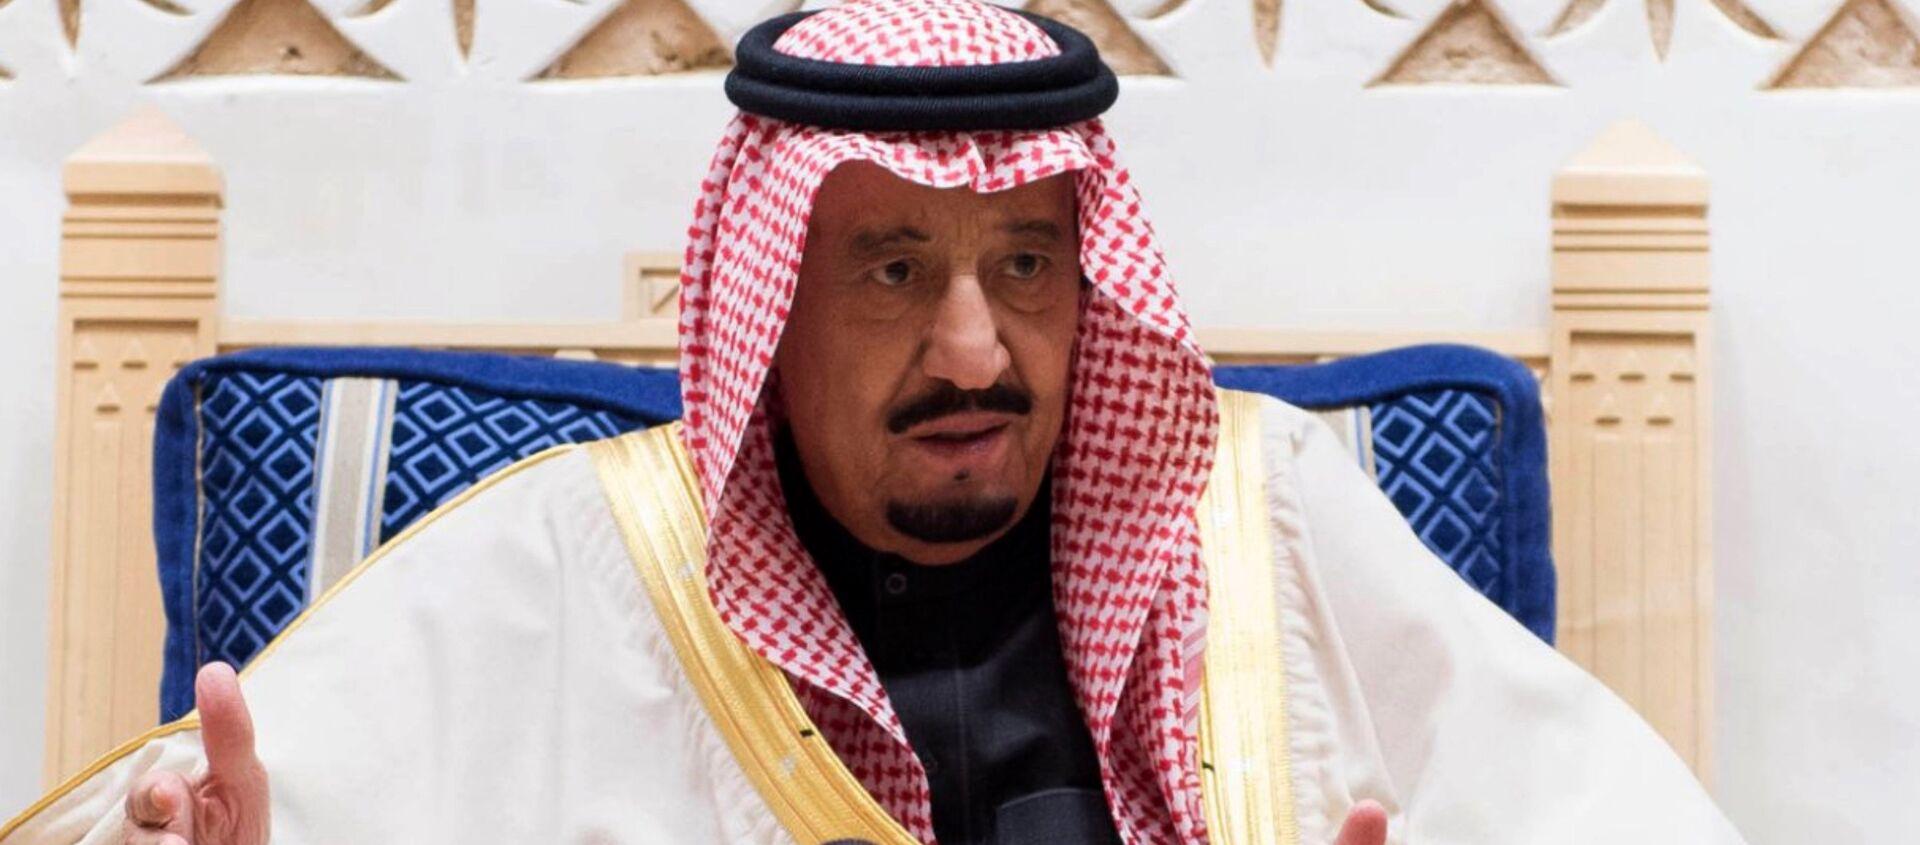 Salman bin Abdulaziz Al Saud, il re dell'Arabia Saudita. - Sputnik Italia, 1920, 29.09.2019